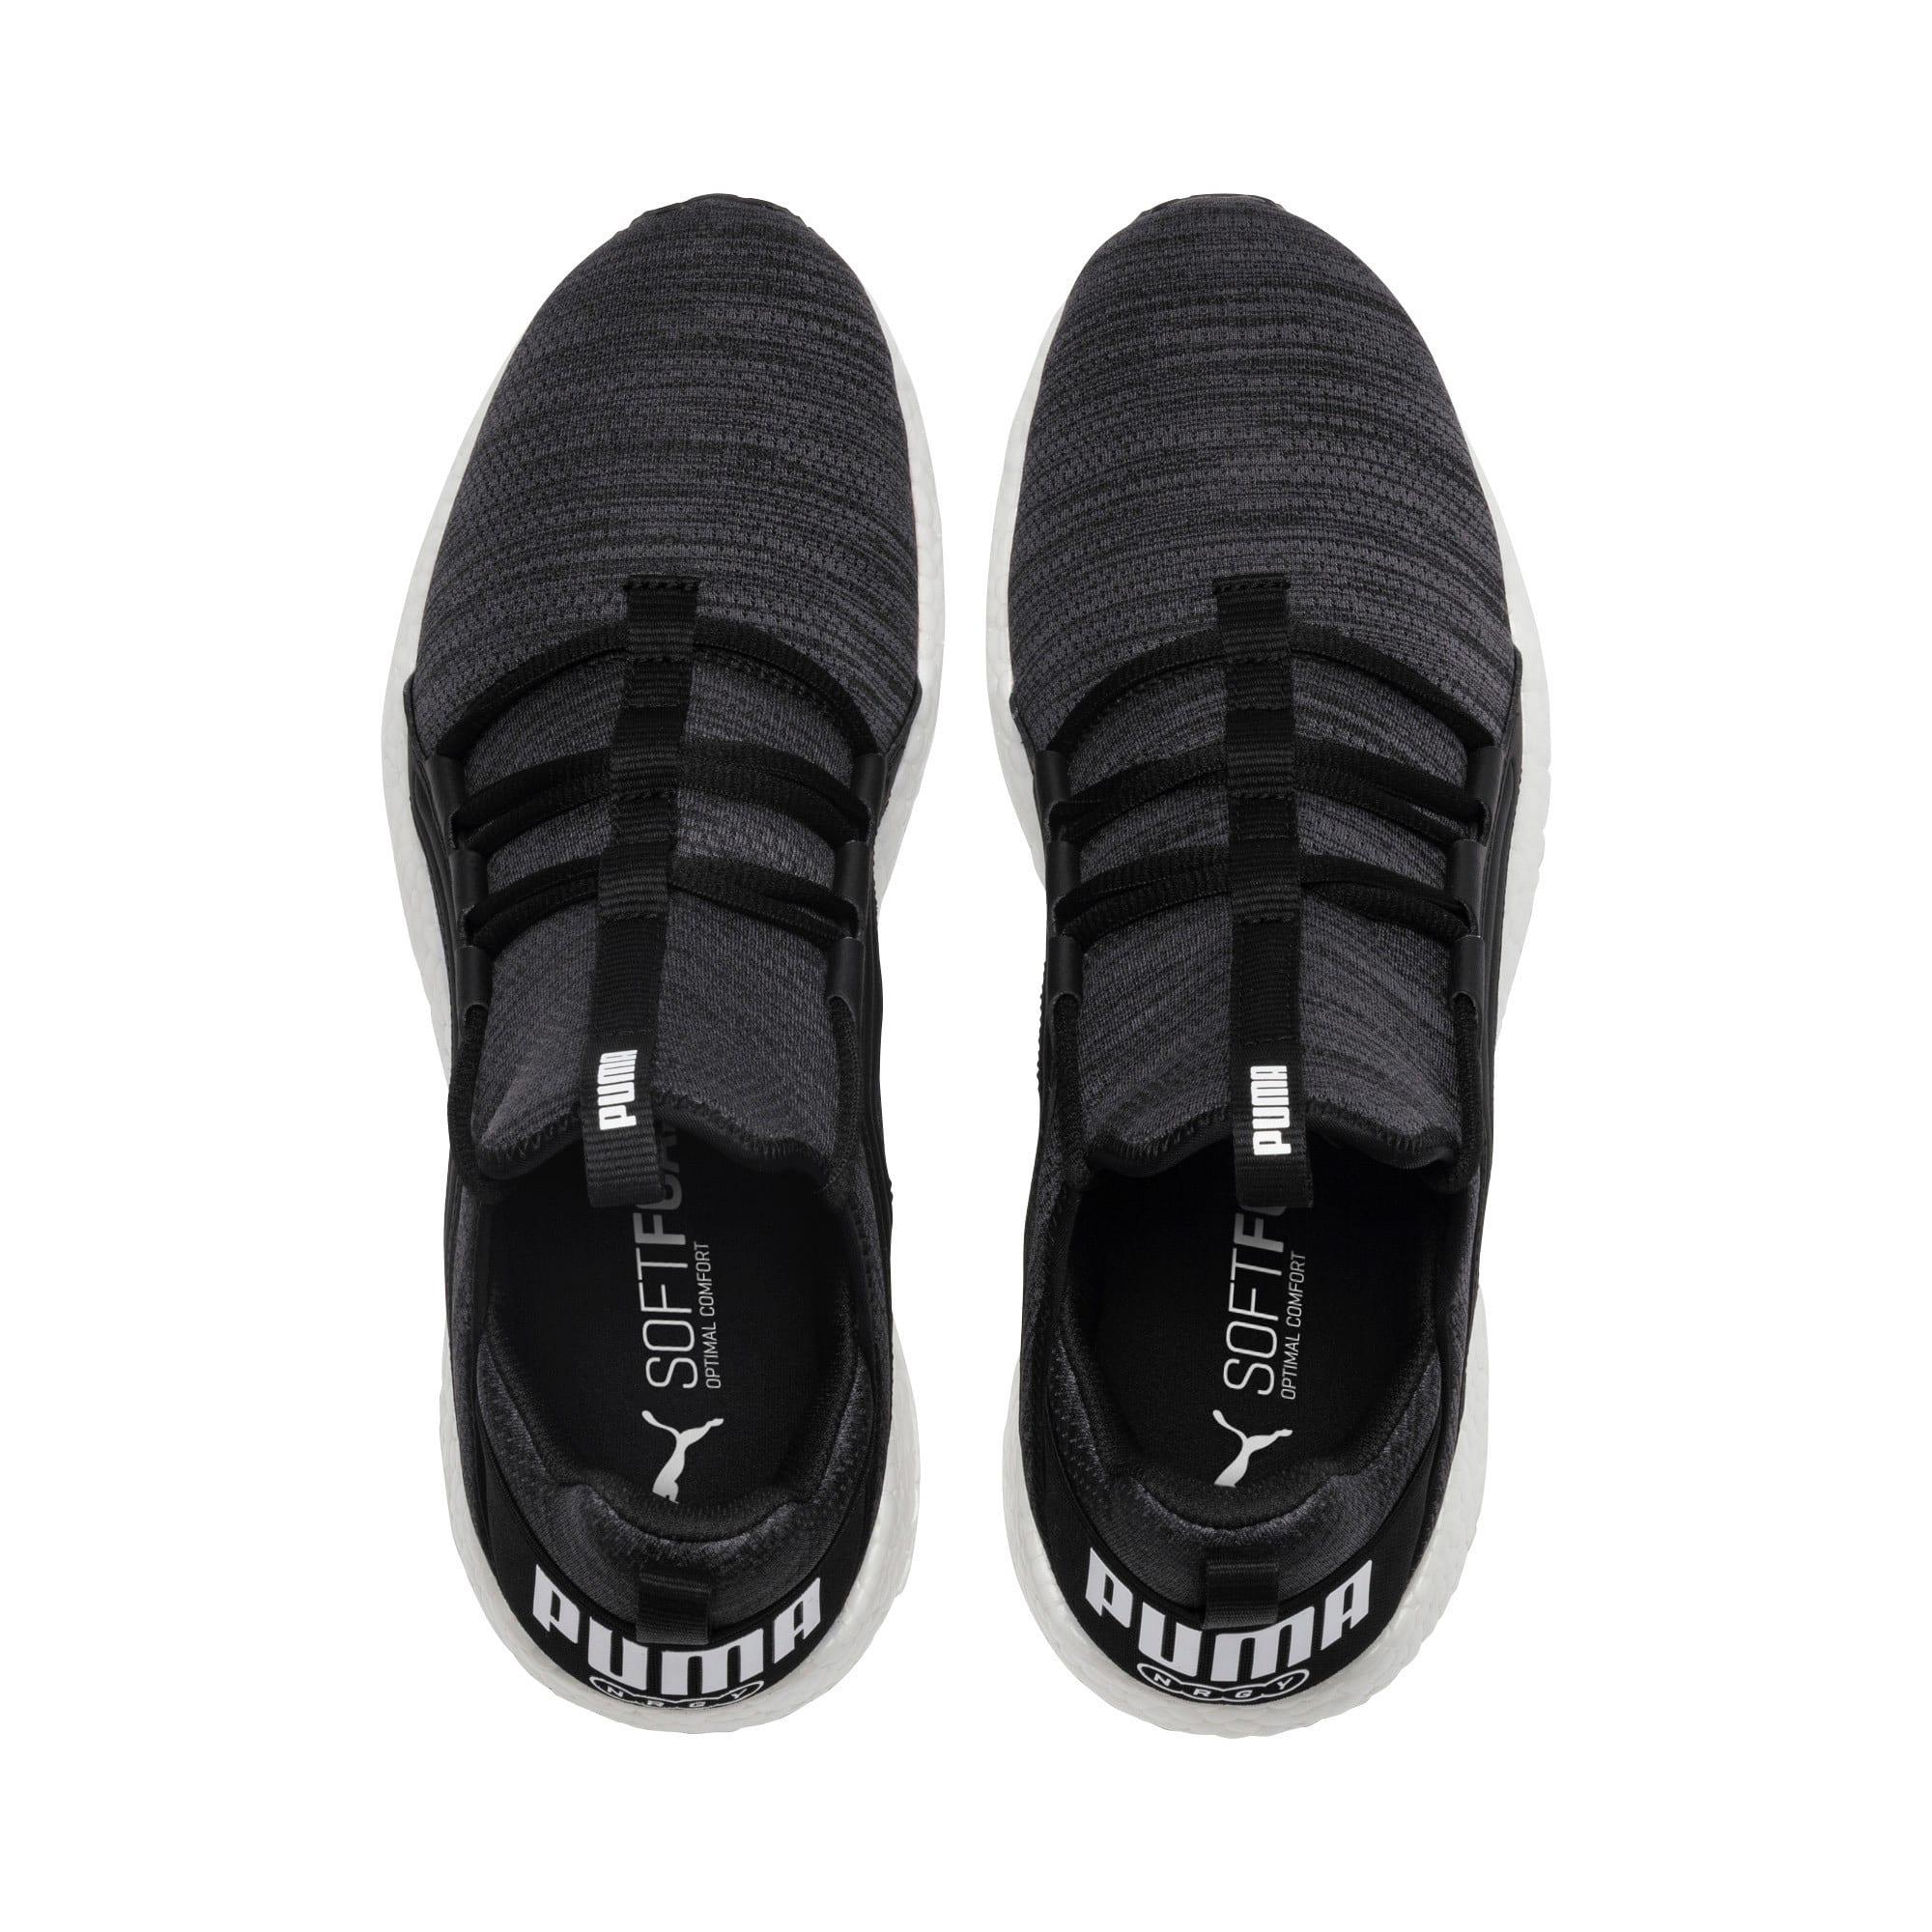 Miniatura 6 de Zapatos para correr Mega NRGY  Heather Knit para hombre, Puma Black-Iron Gate-Blanco, mediano